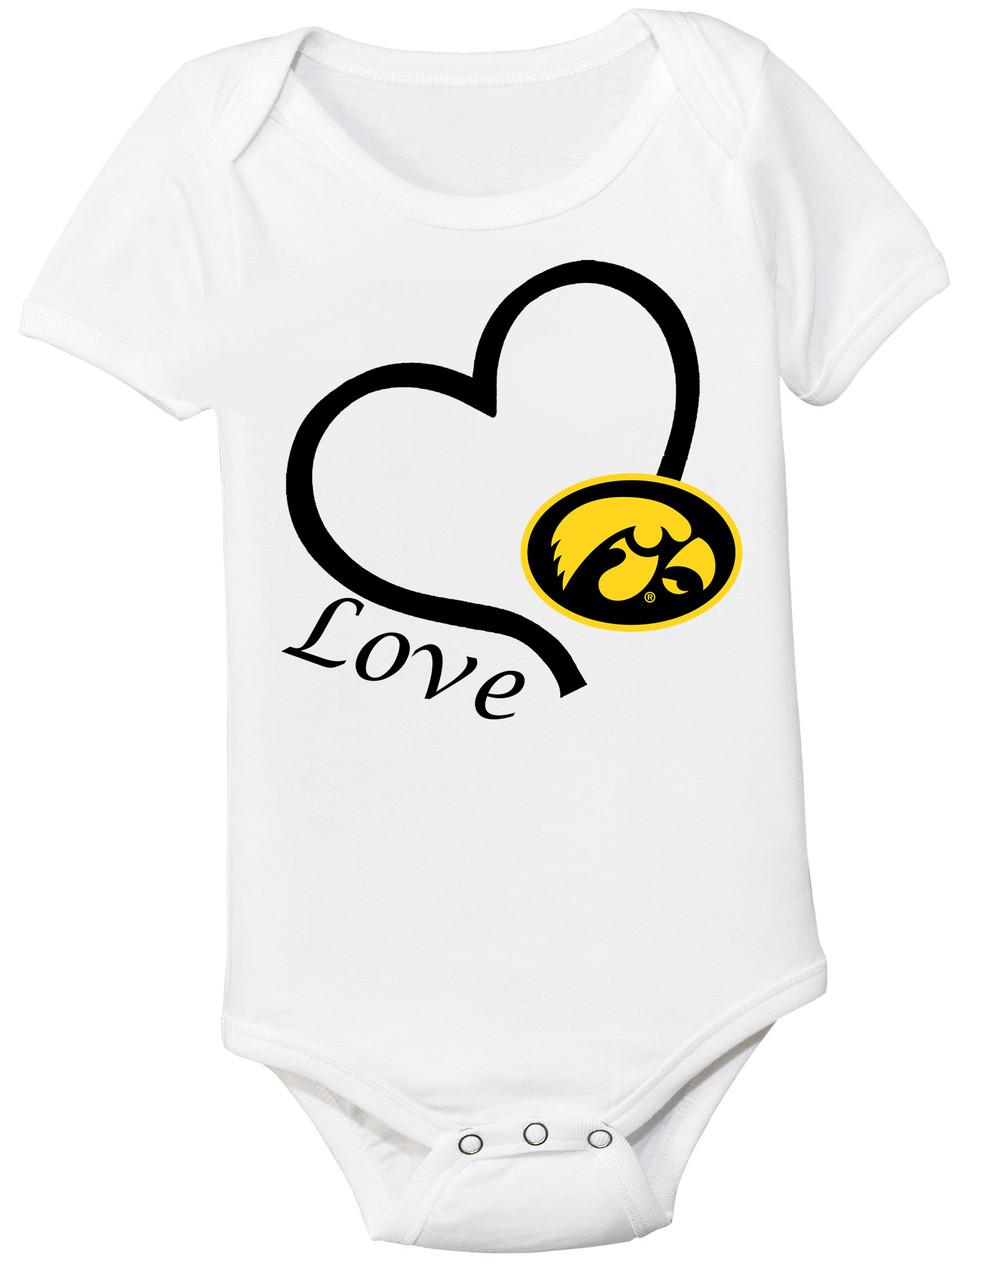 54f038a7b Iowa Hawkeyes Love Baby Bodysuit